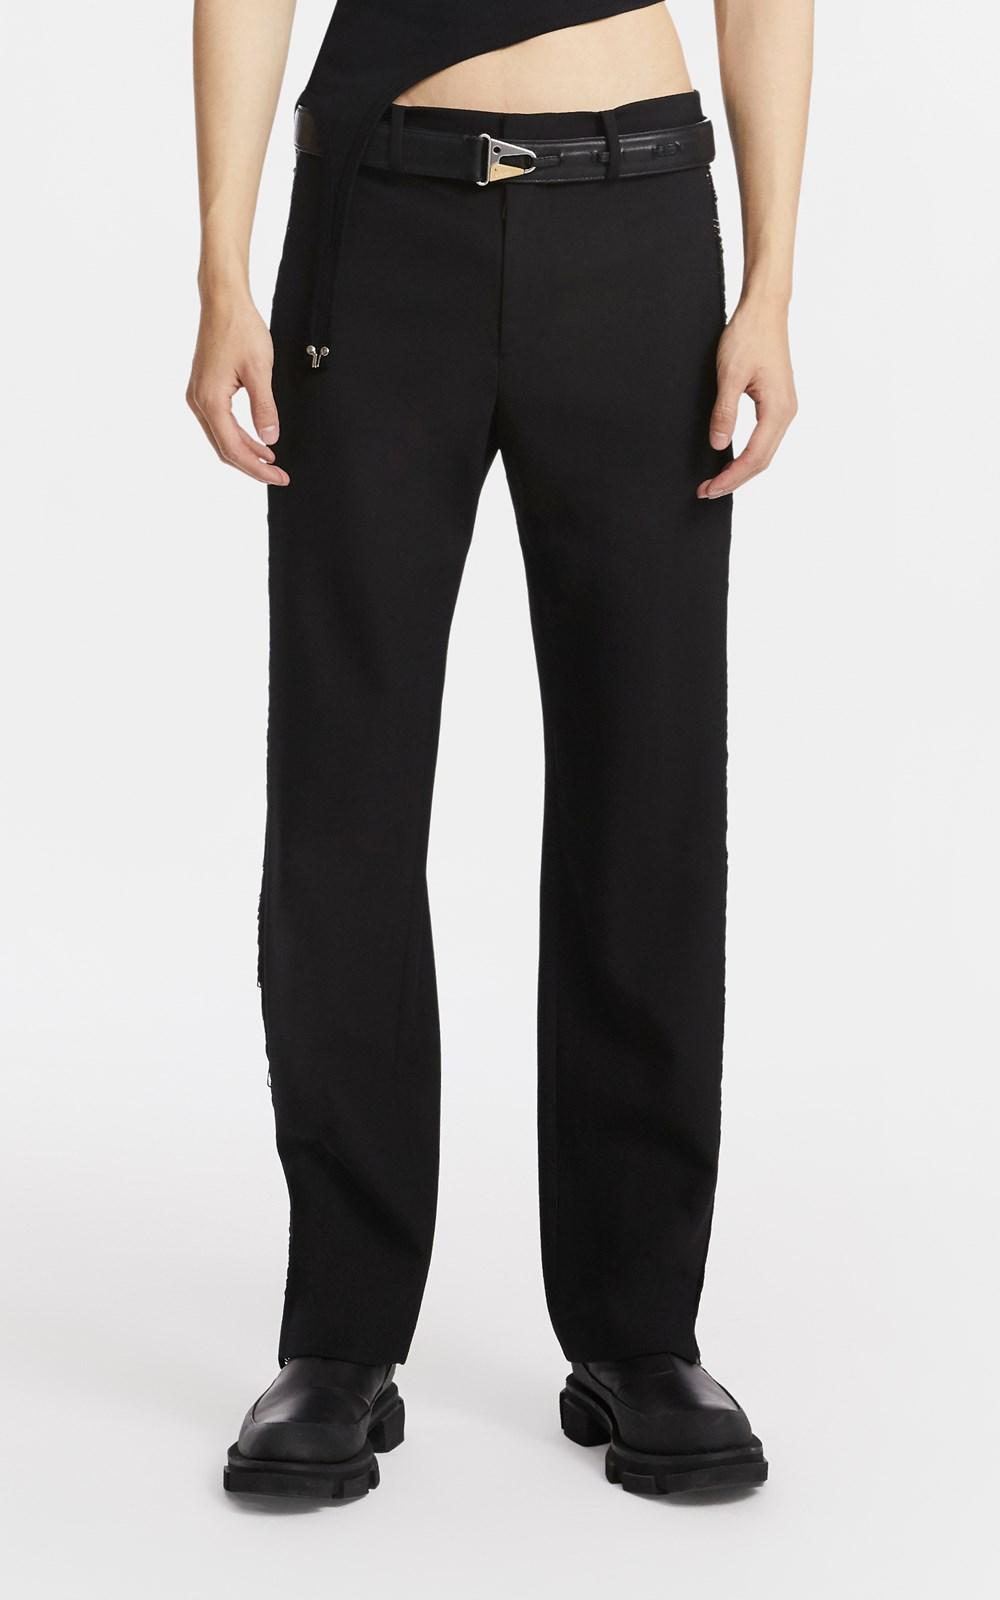 Pants | FRINGE WOOL JEAN